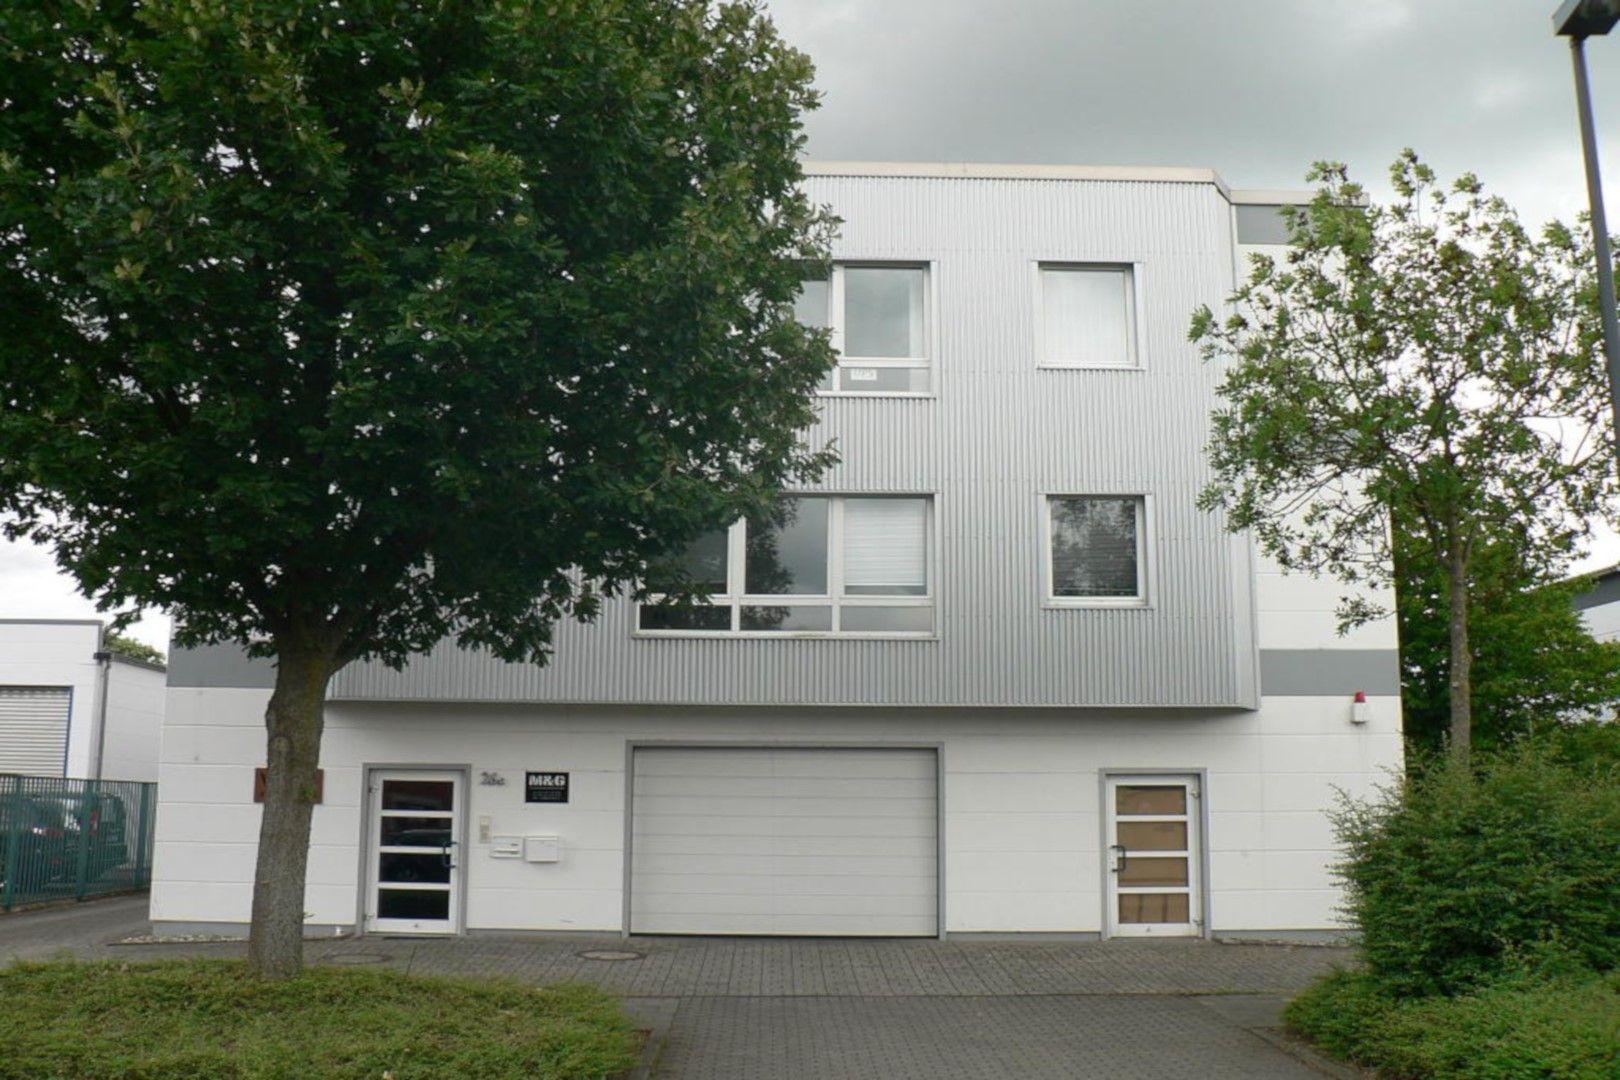 Immobilie Nr.0295 | In der Loh 36c, 40668 Meerbusch